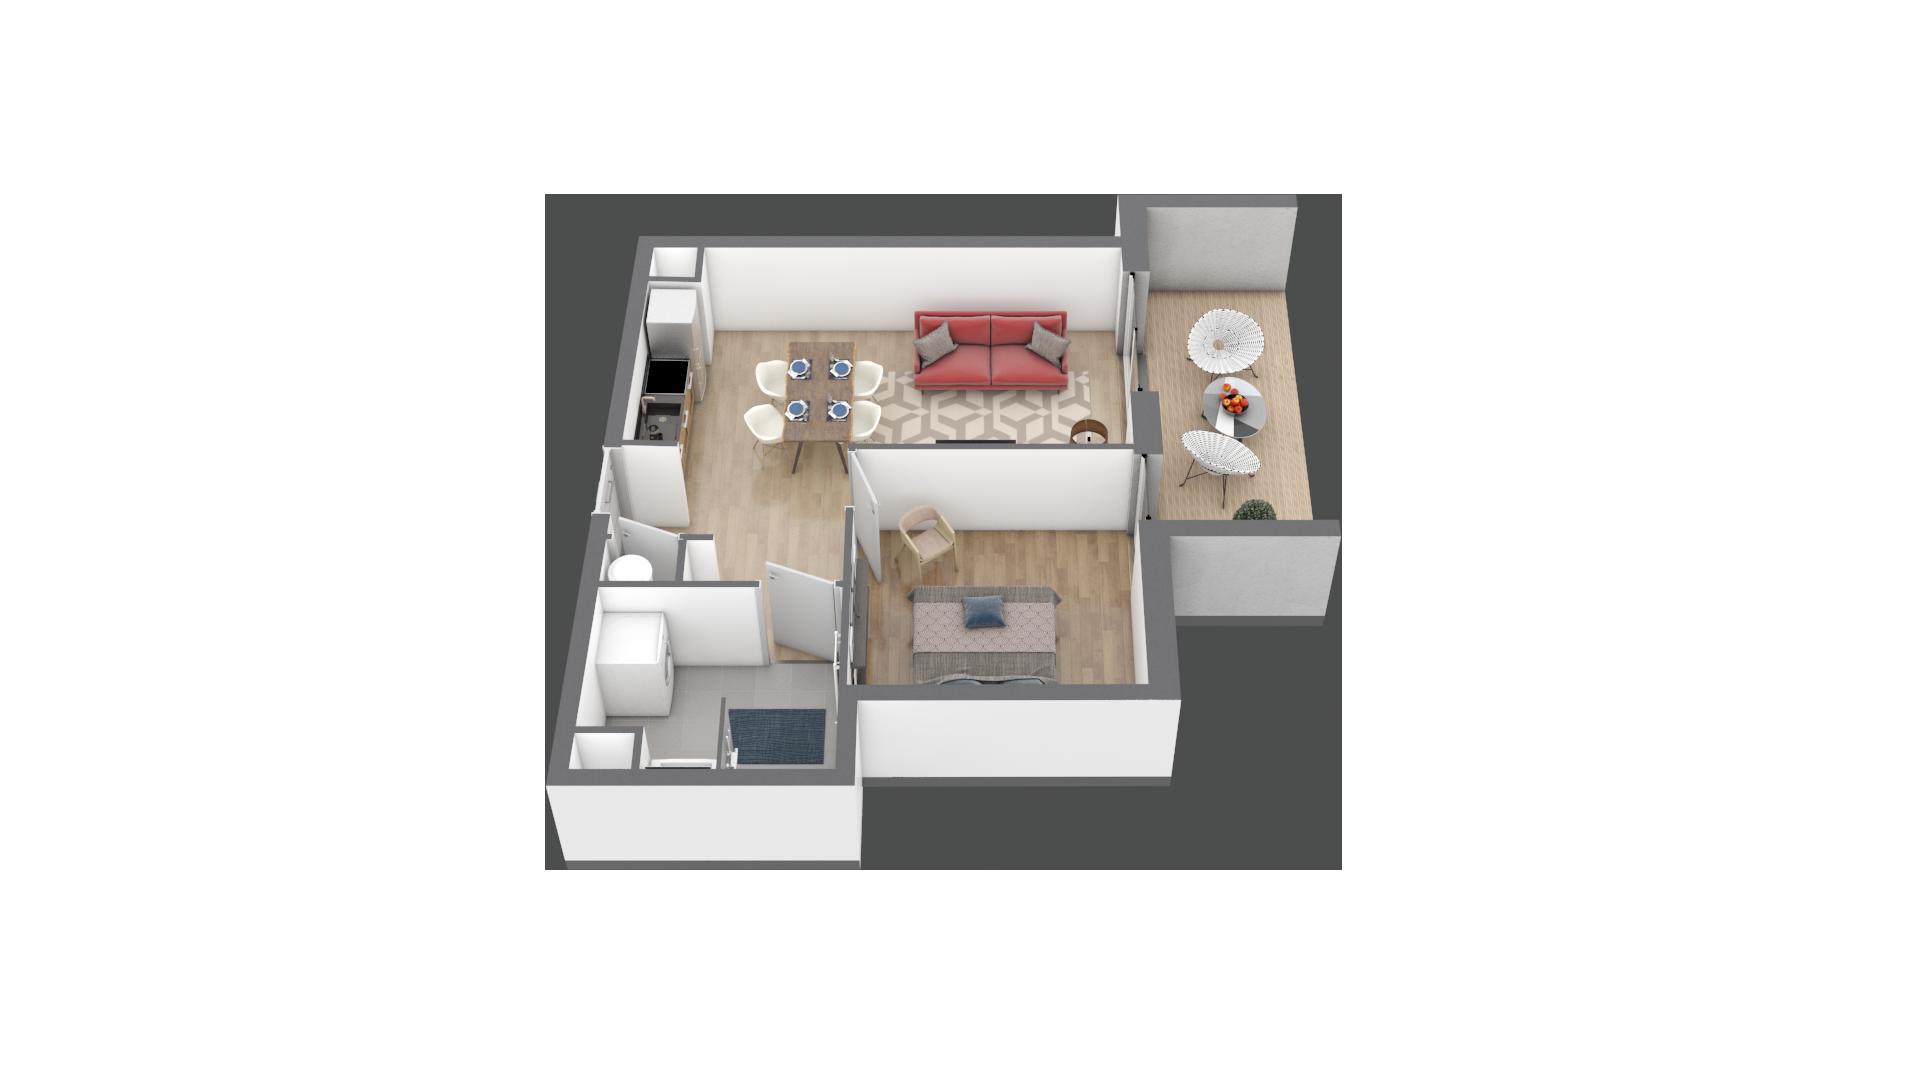 appartement C101 de type T3